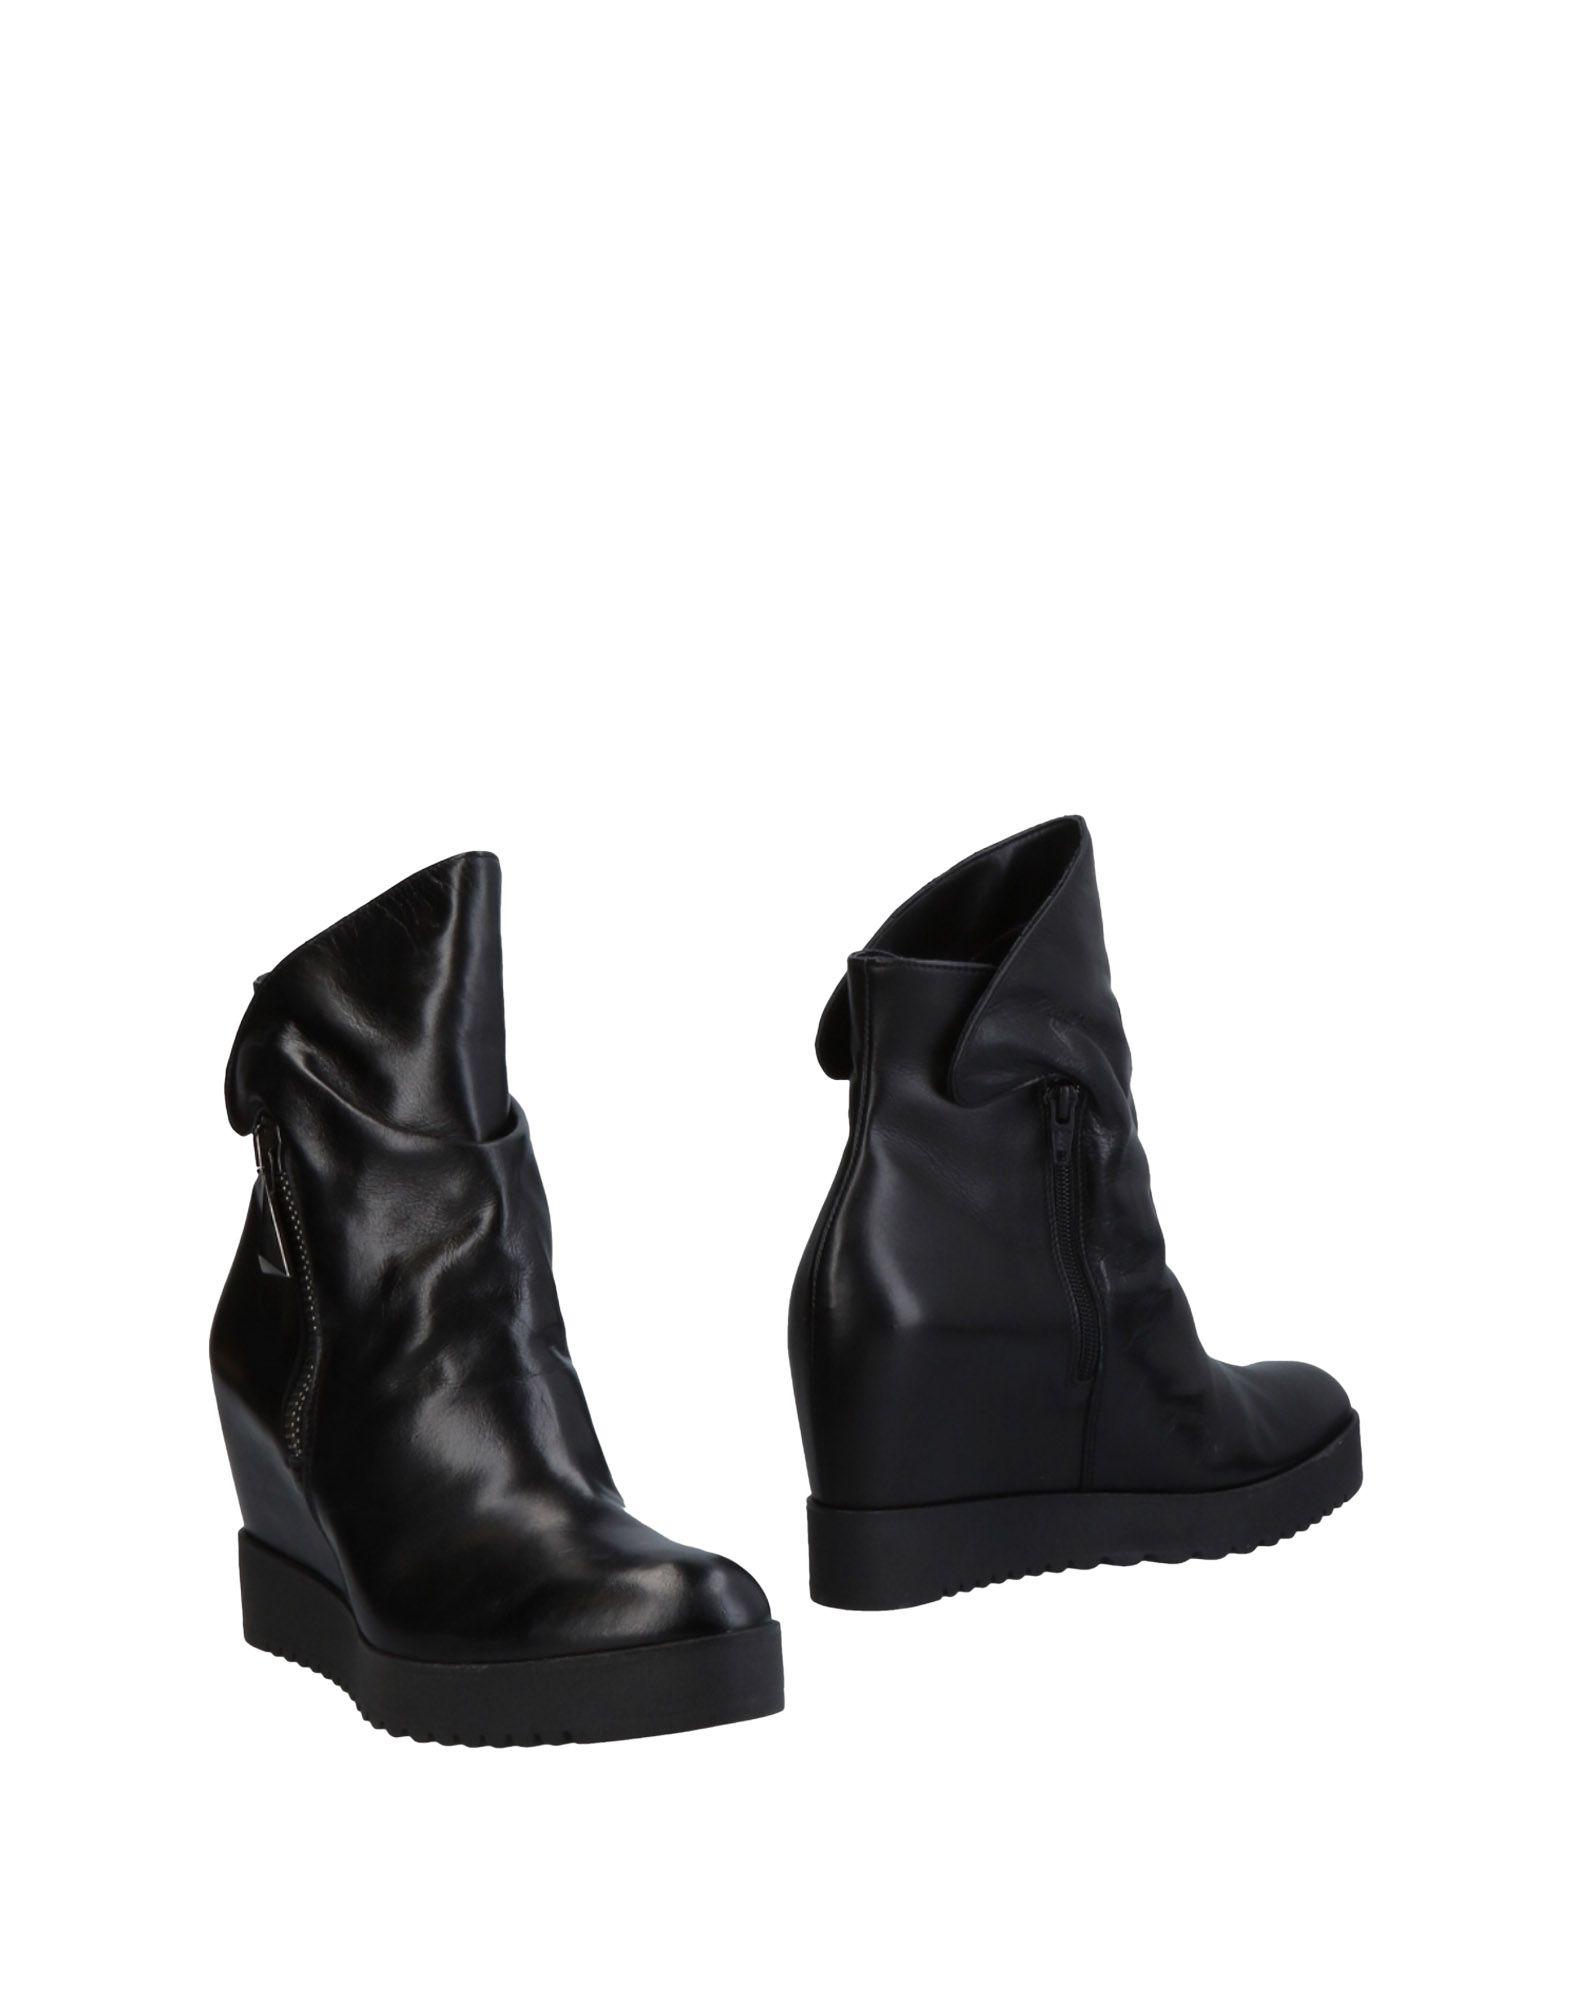 Donna Più Stiefelette Damen  11464753AQ Gute Qualität beliebte Schuhe